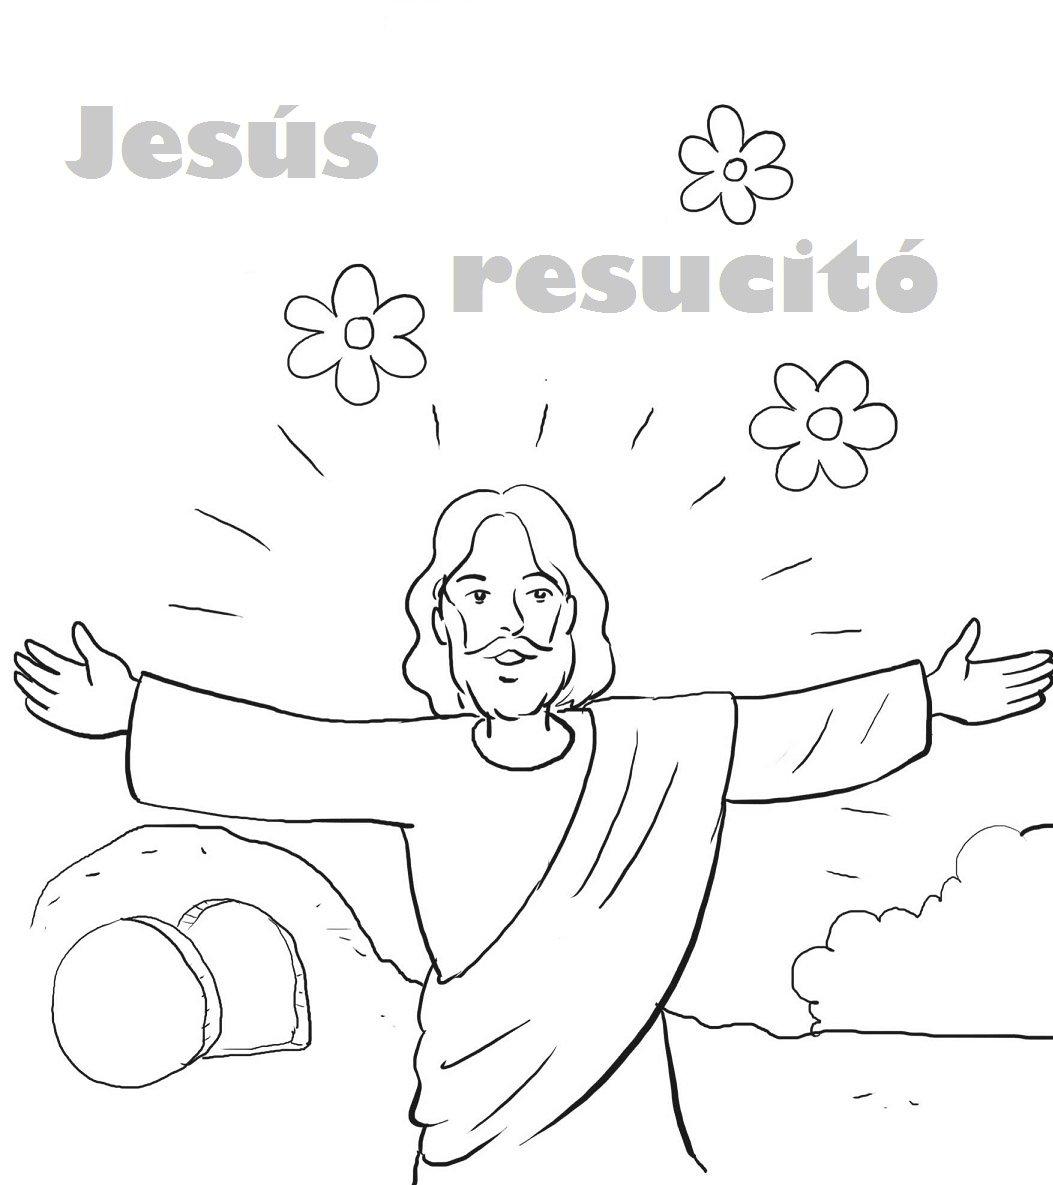 Jesús recucitó